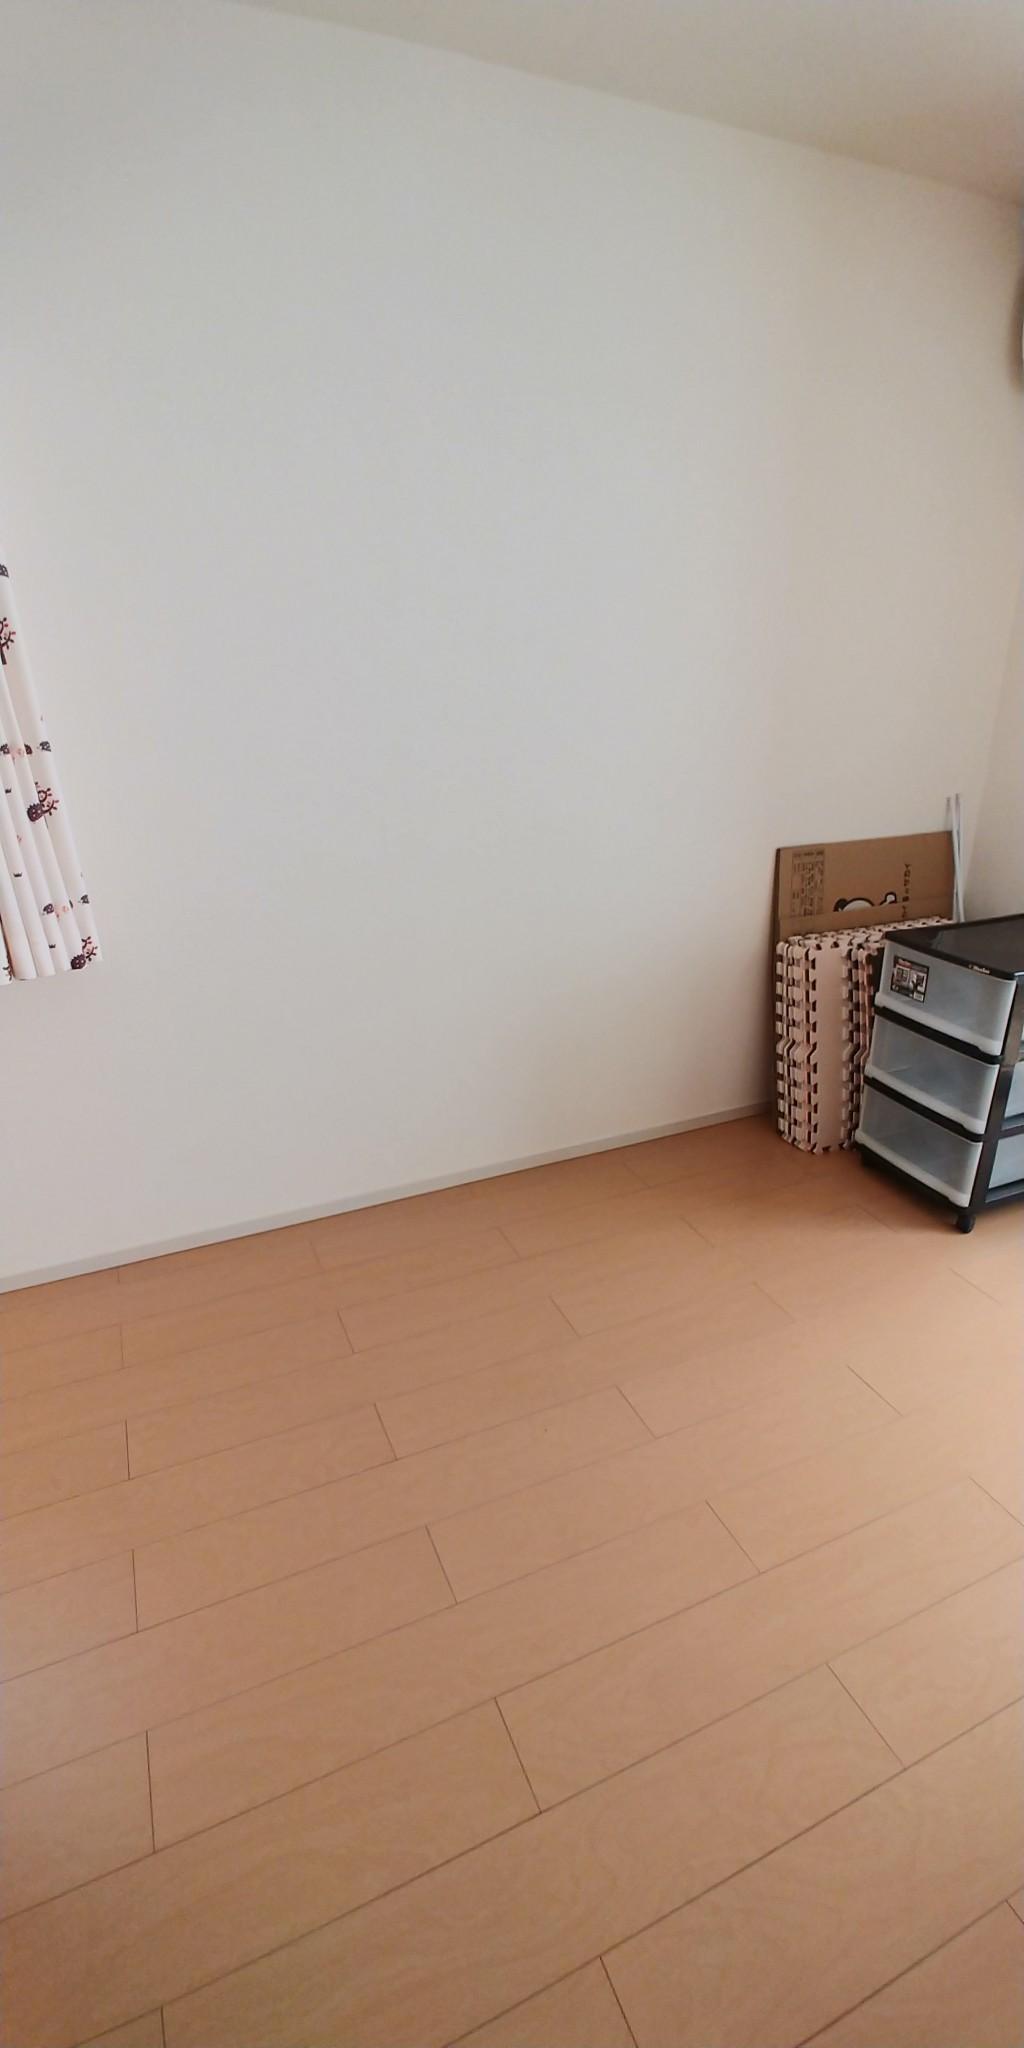 【富山市】食器棚、ガスコンロなどの出張不用品回収・処分ご依頼